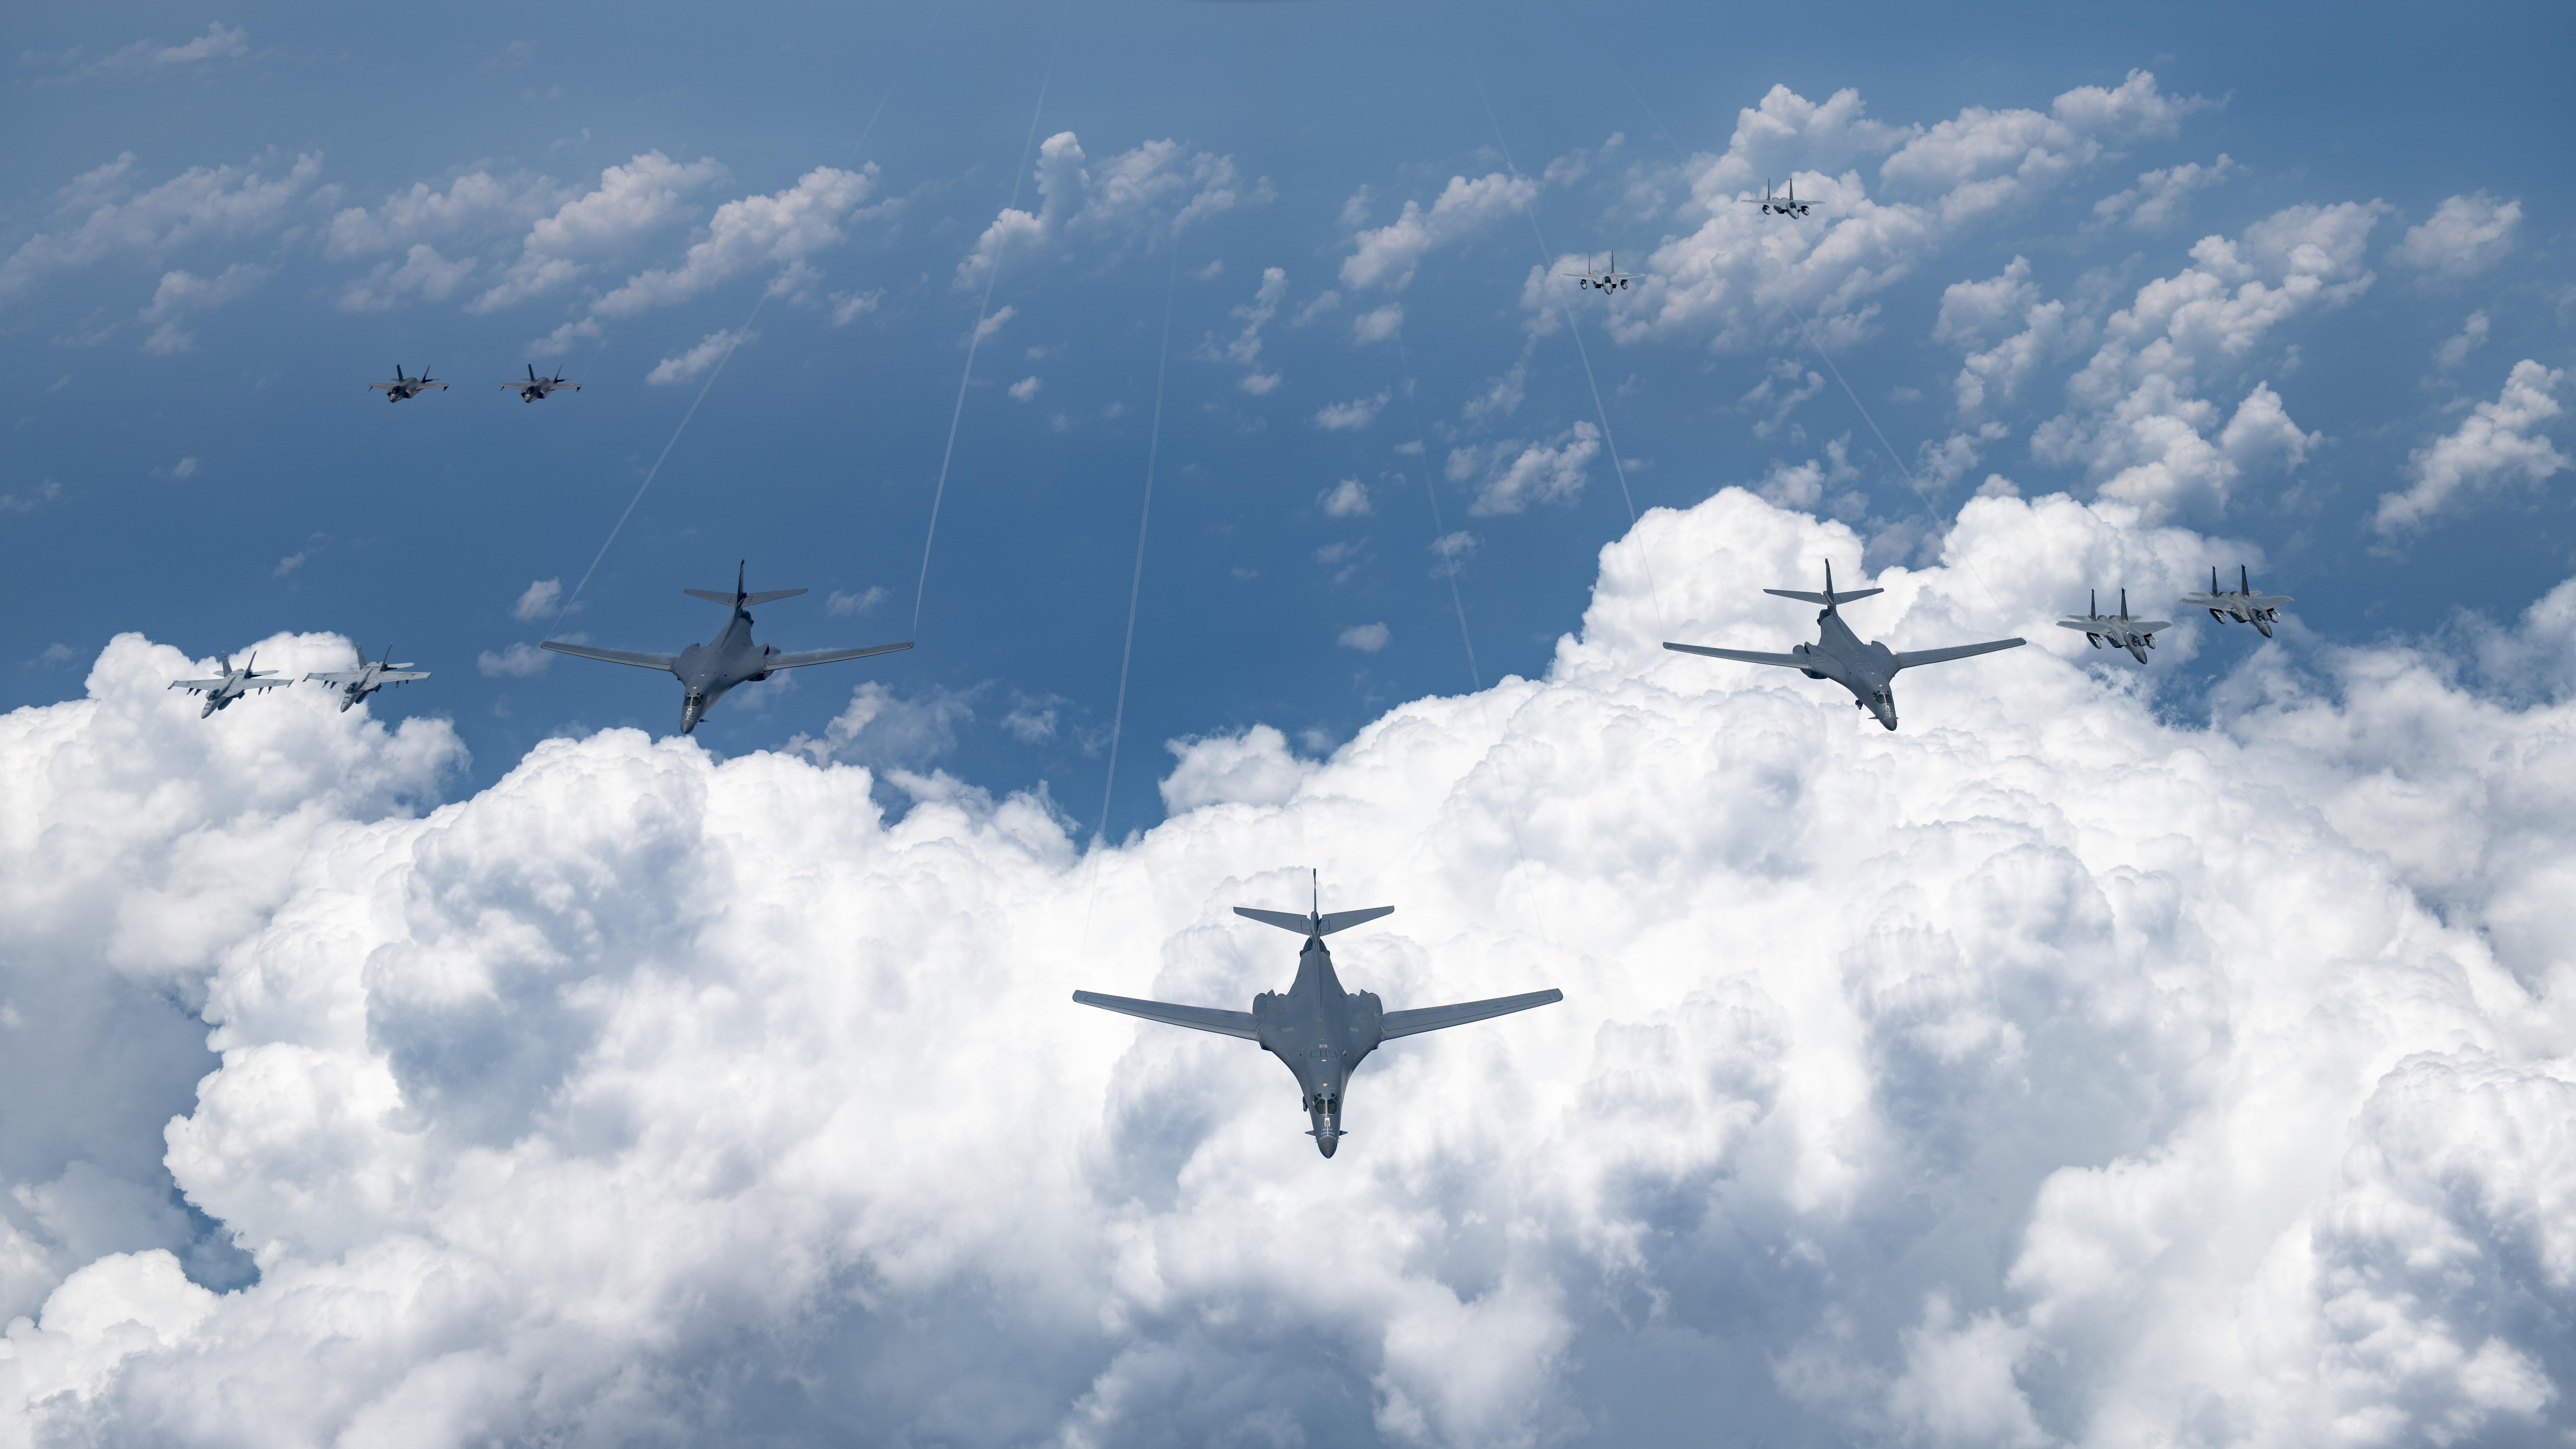 2020年8月18日,美國空軍、海軍、海軍陸戰隊和日本航空自衛隊進行了大規模的聯合演習。共4架B-1B轟炸機、兩架B-2轟炸機以及4架F- 15C鷹式戰機等在24小時內於印太地區同時執行了特遣任務。 (U.S. Air Force photo by Staff Sgt. Peter Reft)